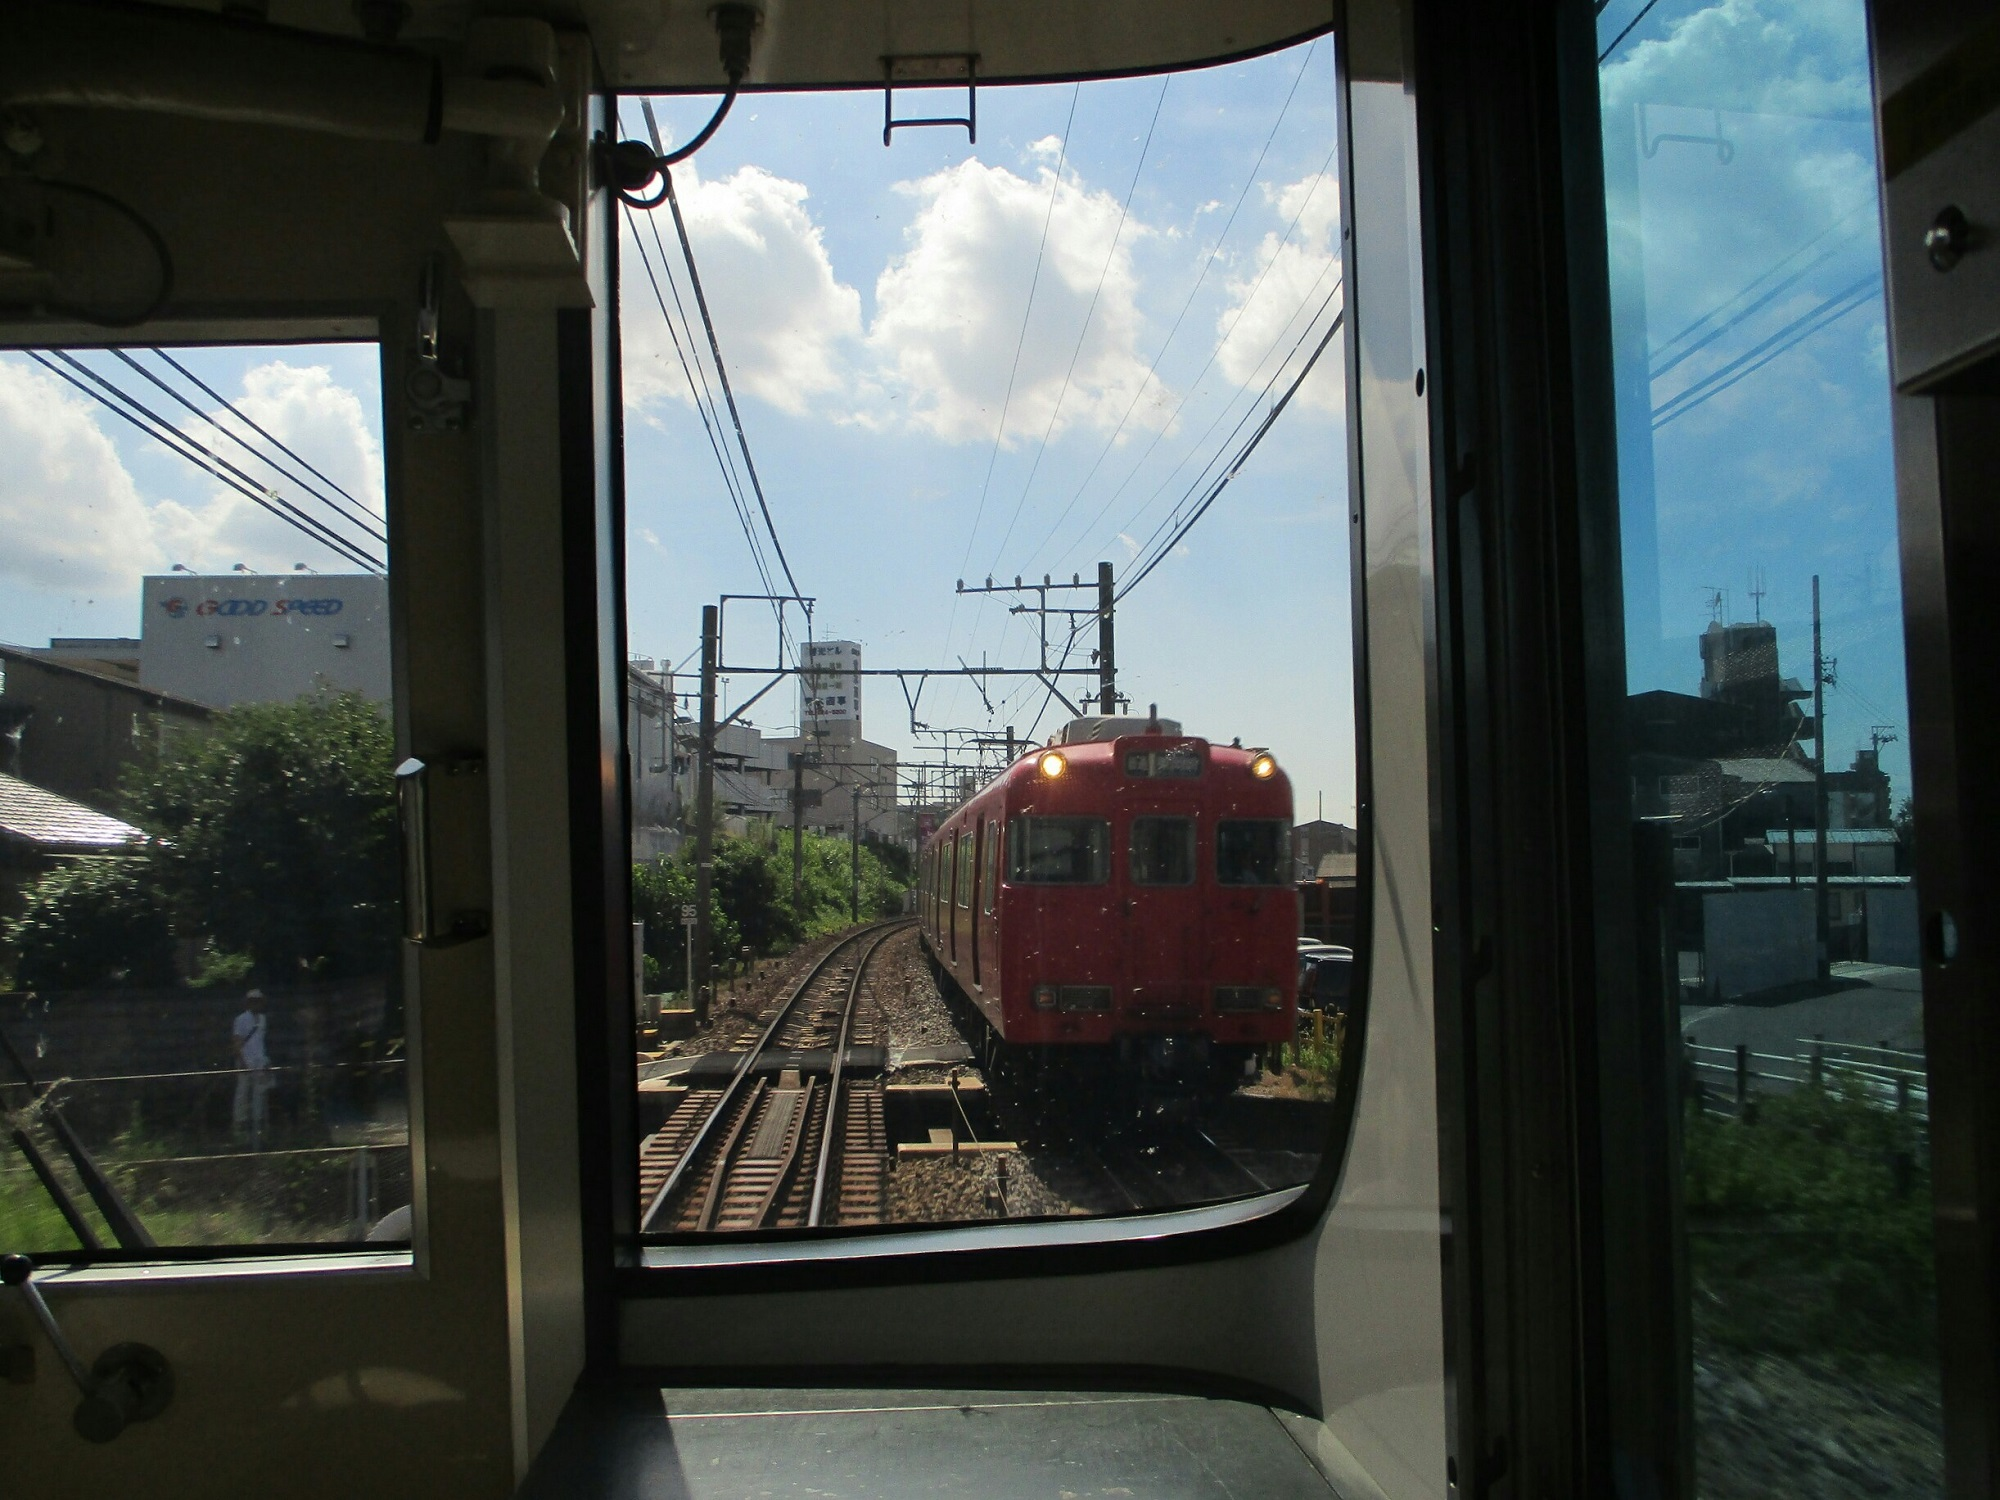 2018.7.21 (18) 一宮いき急行 - 有松-左京山間(東岡崎いきふつう) 2000-1500